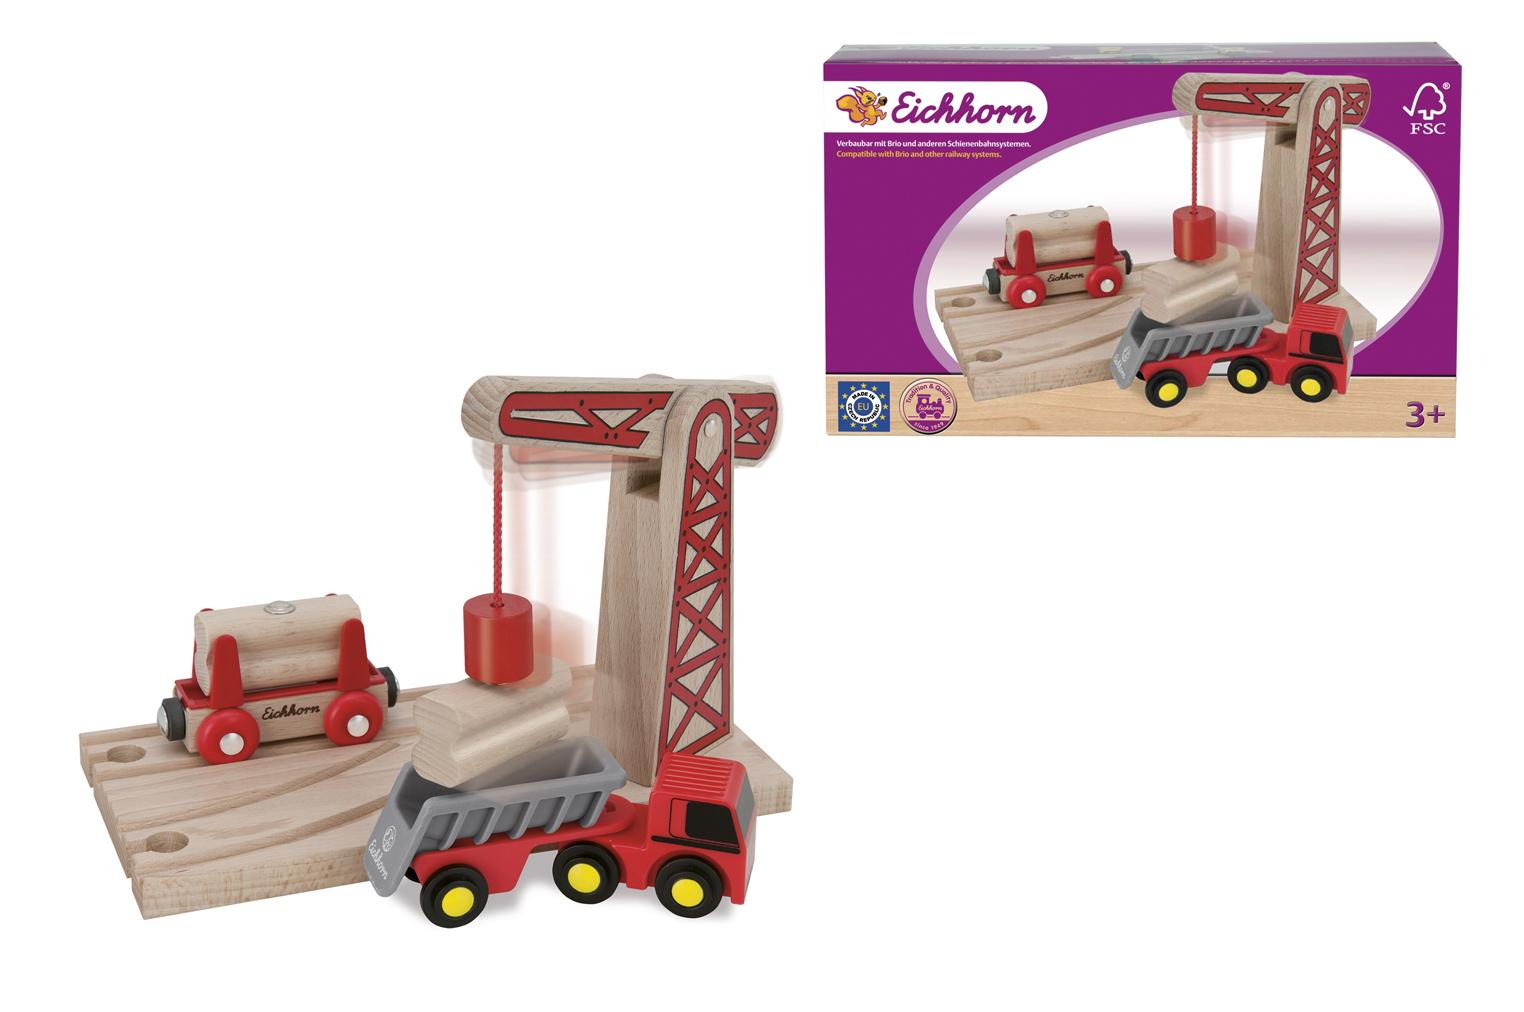 Игровой набор для деревянной железной дороги с краном, 6 деталейДетская железная дорога<br>Игровой набор для деревянной железной дороги с краном, 6 деталей<br>